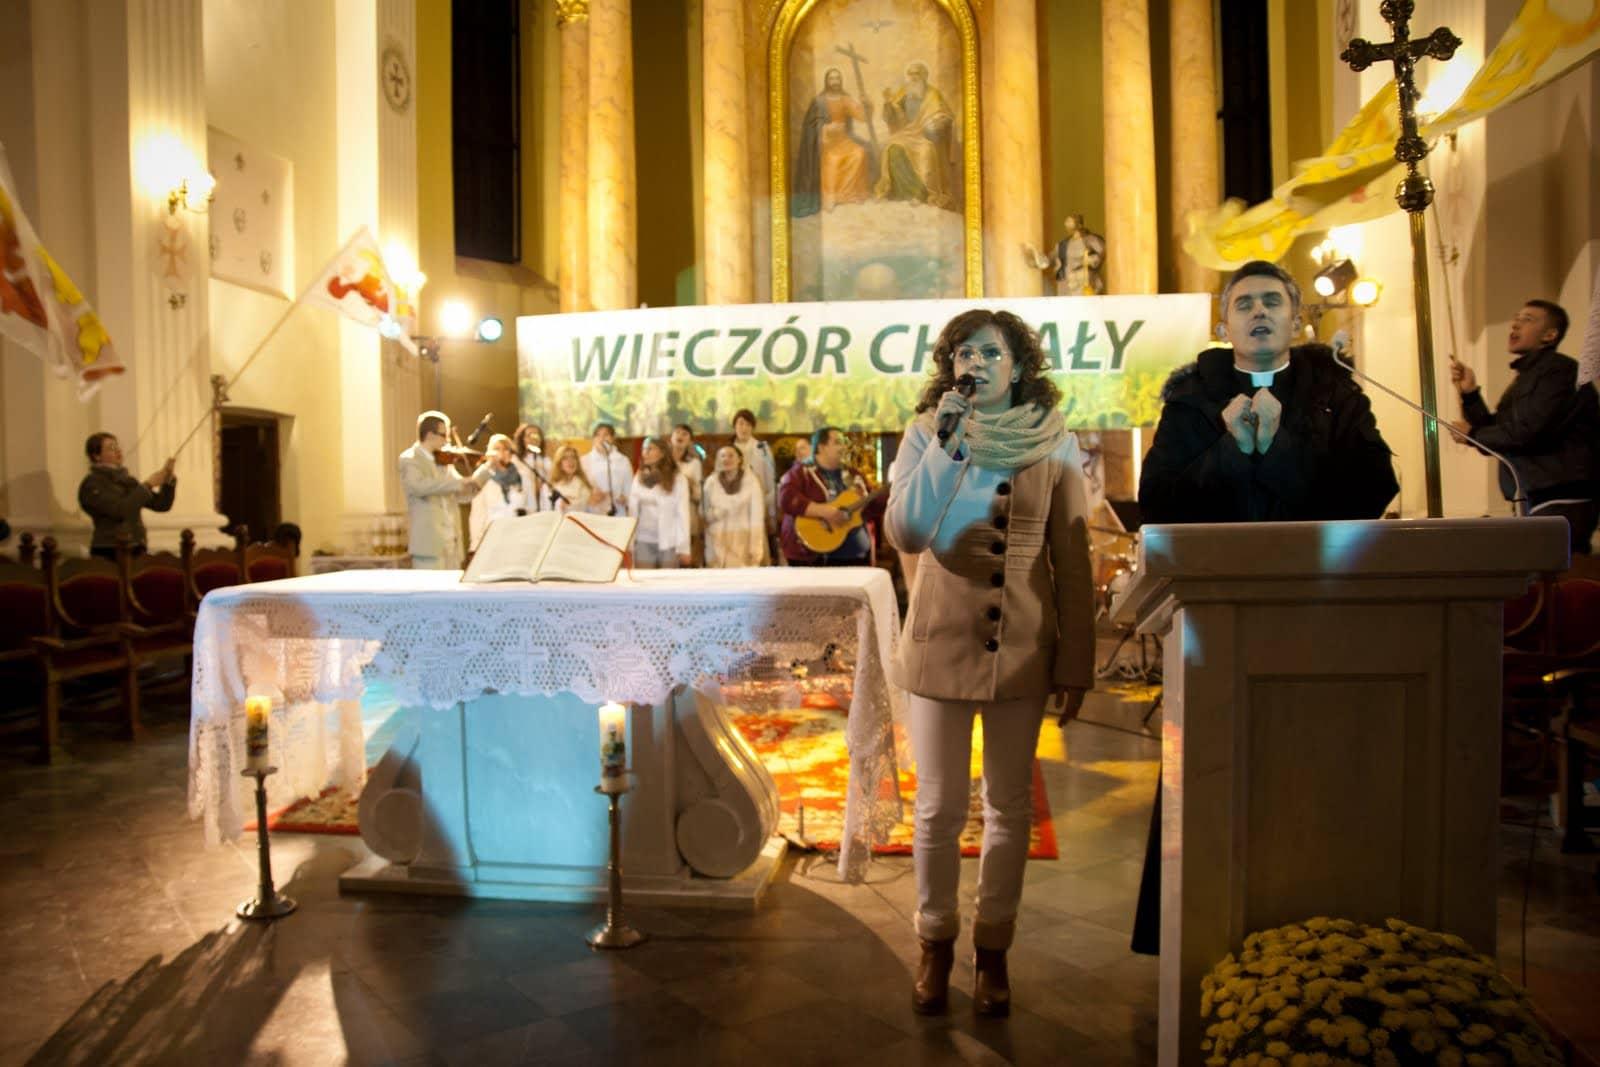 Wspólnota Jednego Ducha, Wieczór Chwały, Wieczór Chwały w Drohiczynie, 2012.11.16